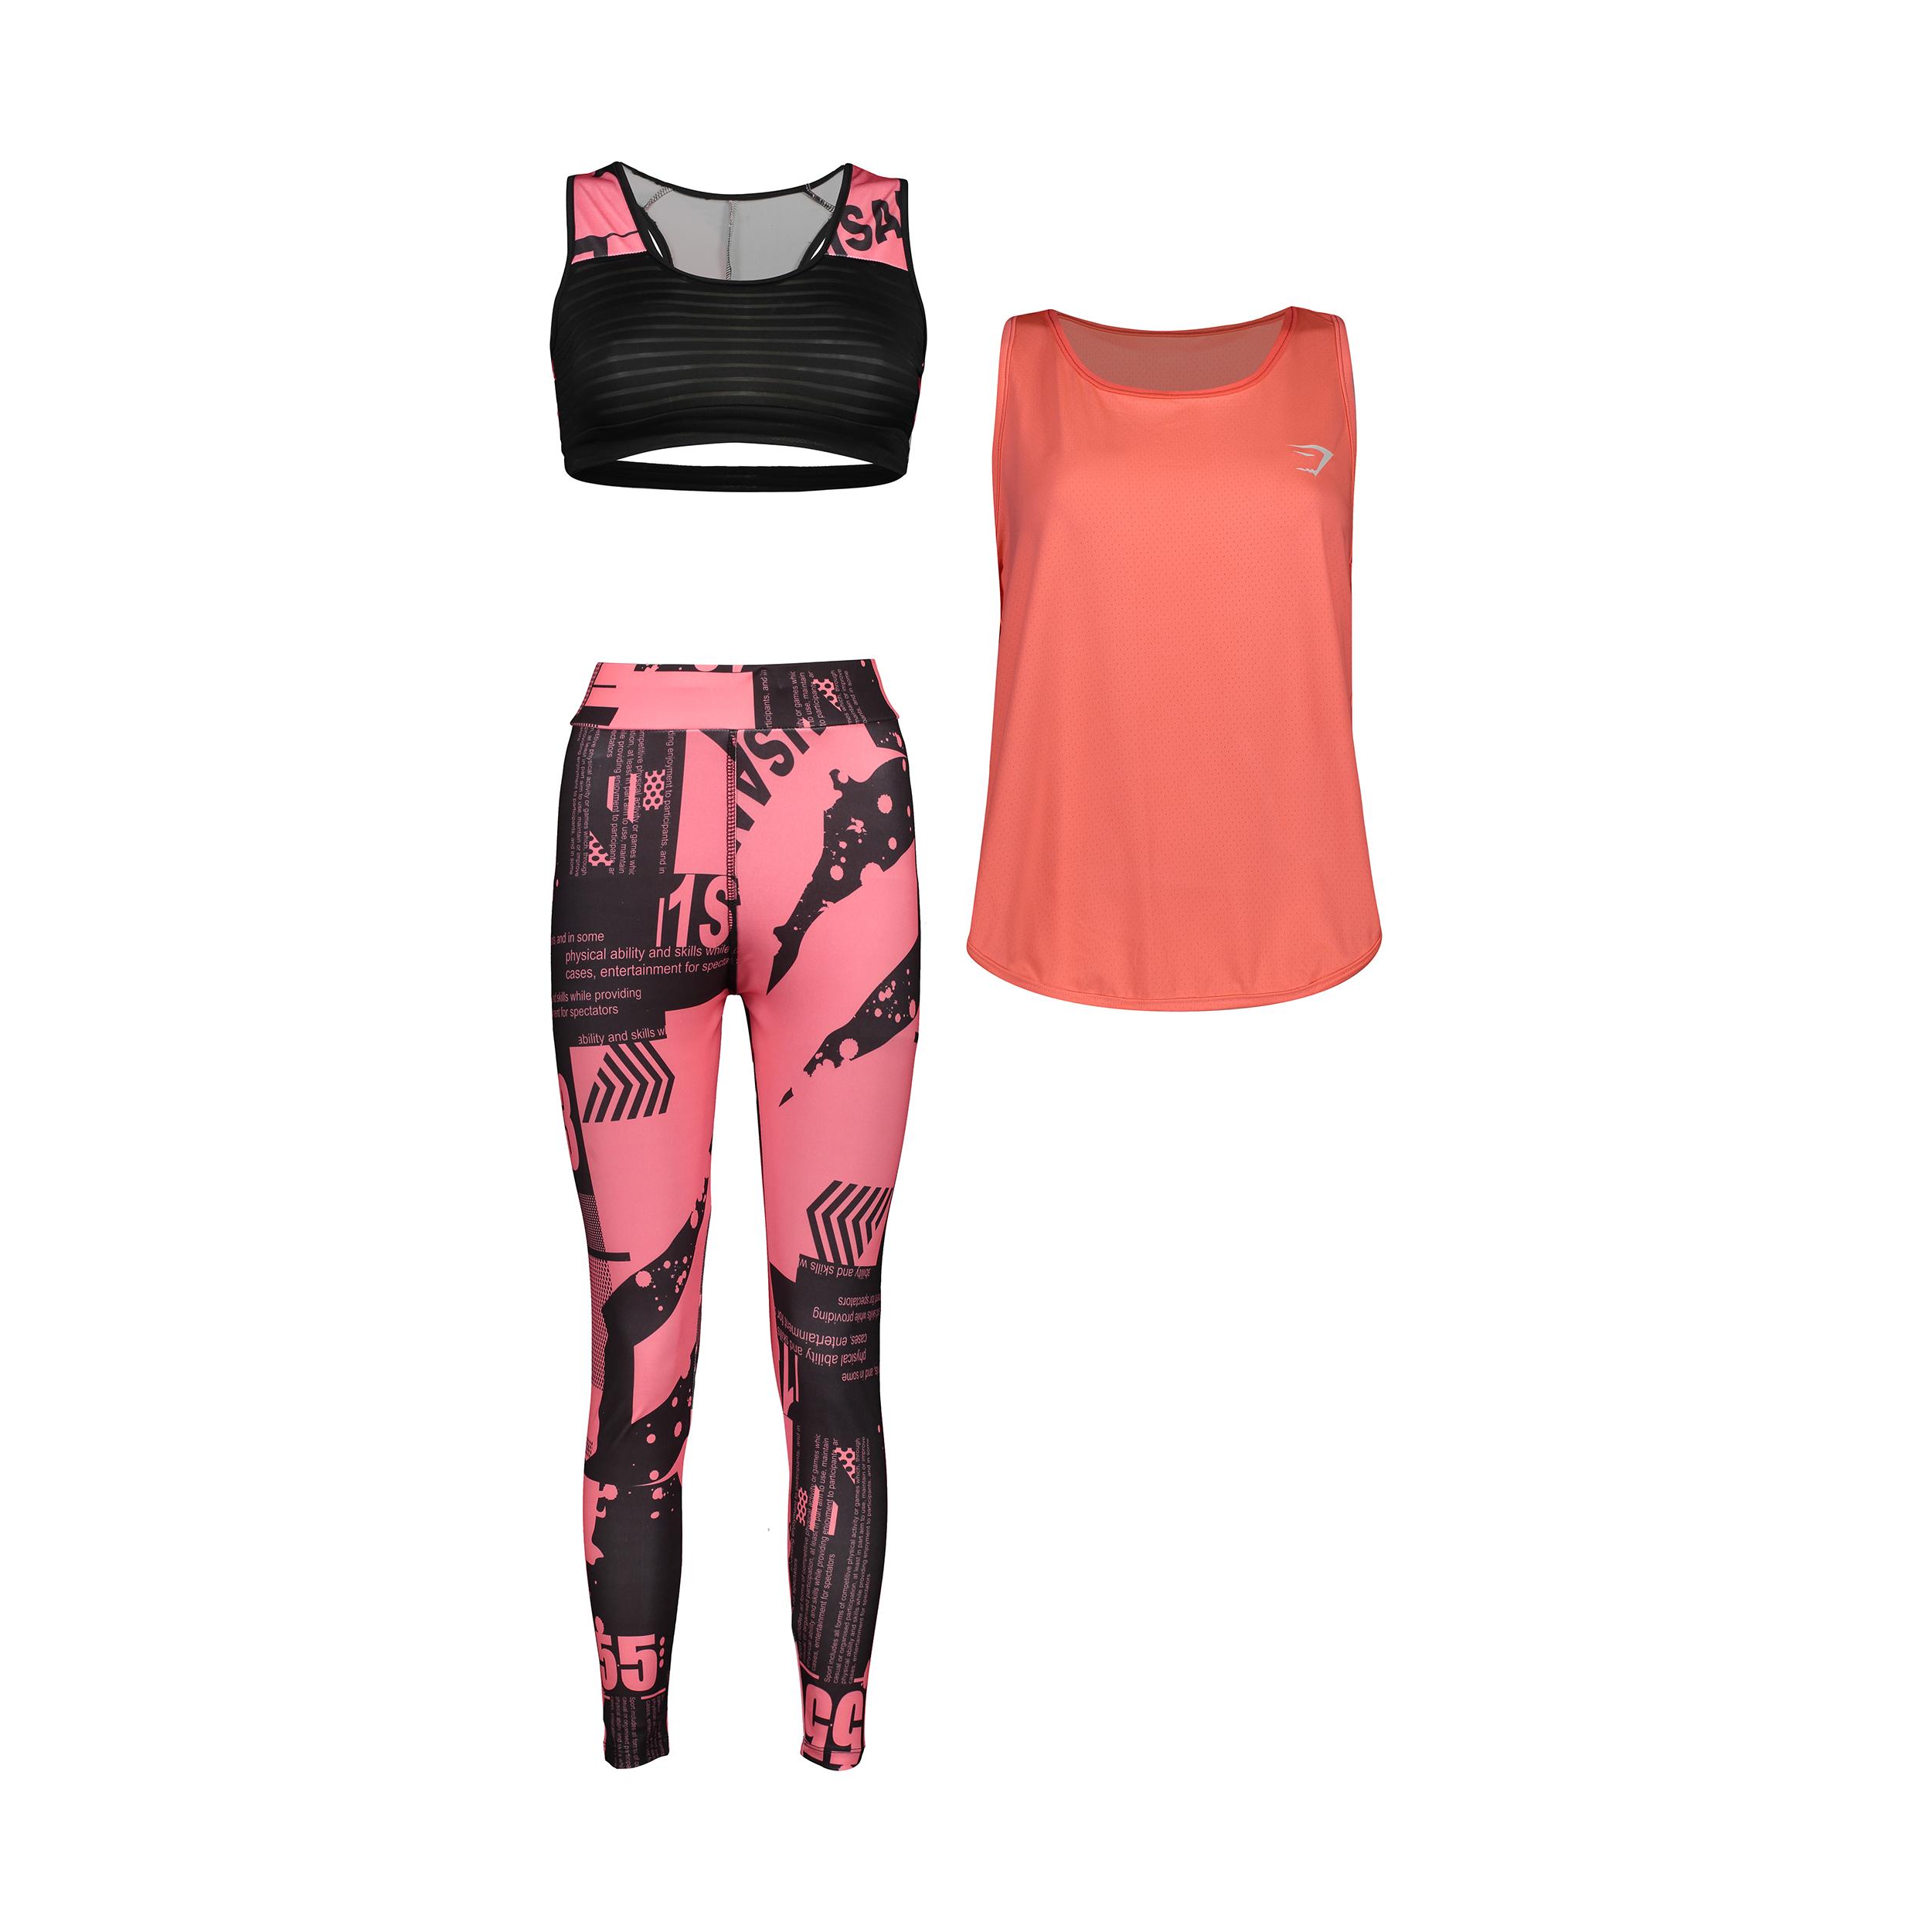 ست 3 تکه لباس ورزشی زنانه کد Mhr-1033